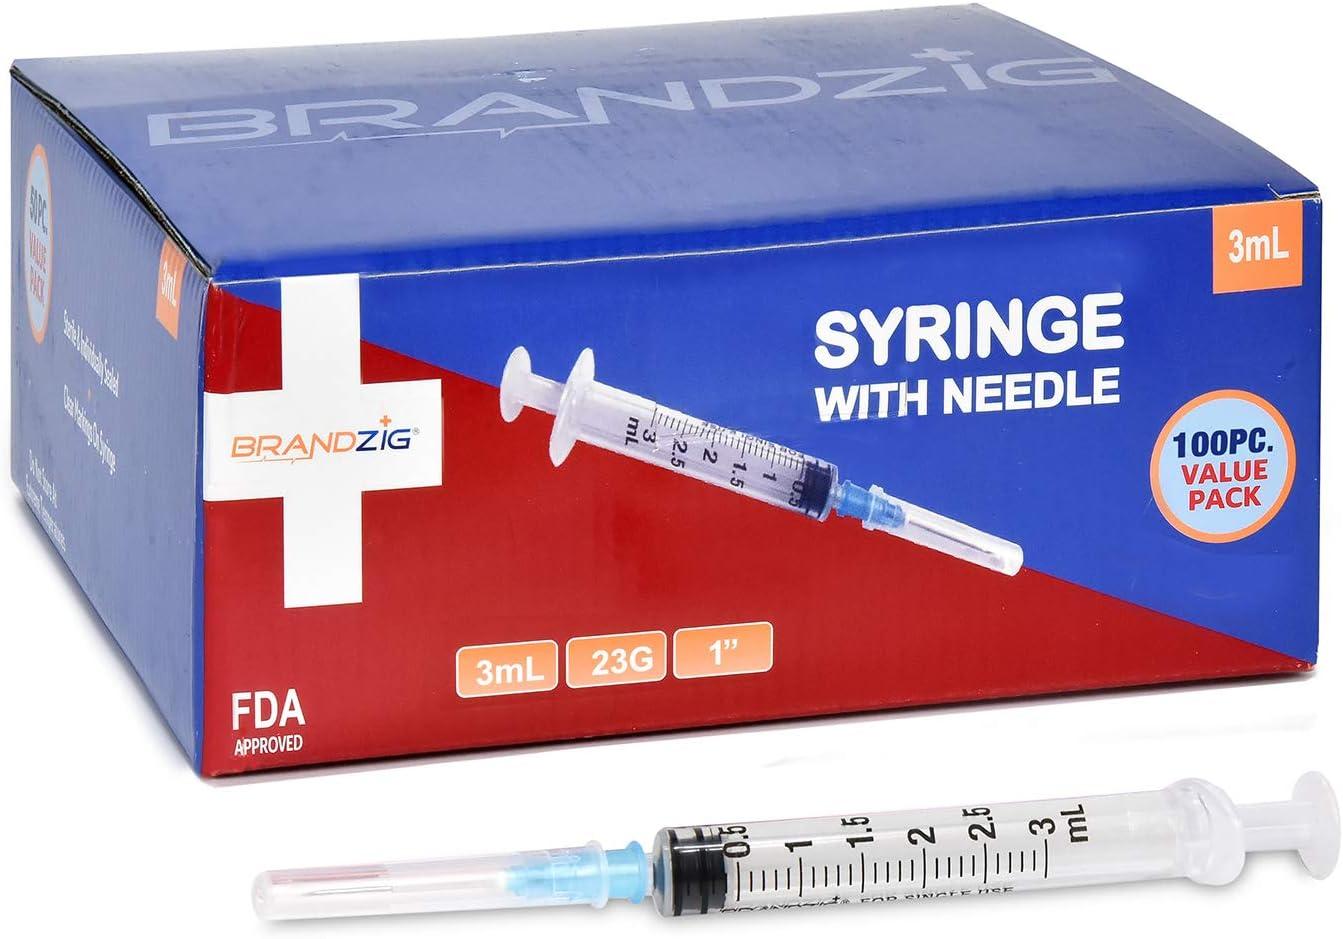 Brandzig 3ml Syringe with Needle - 23G, 1